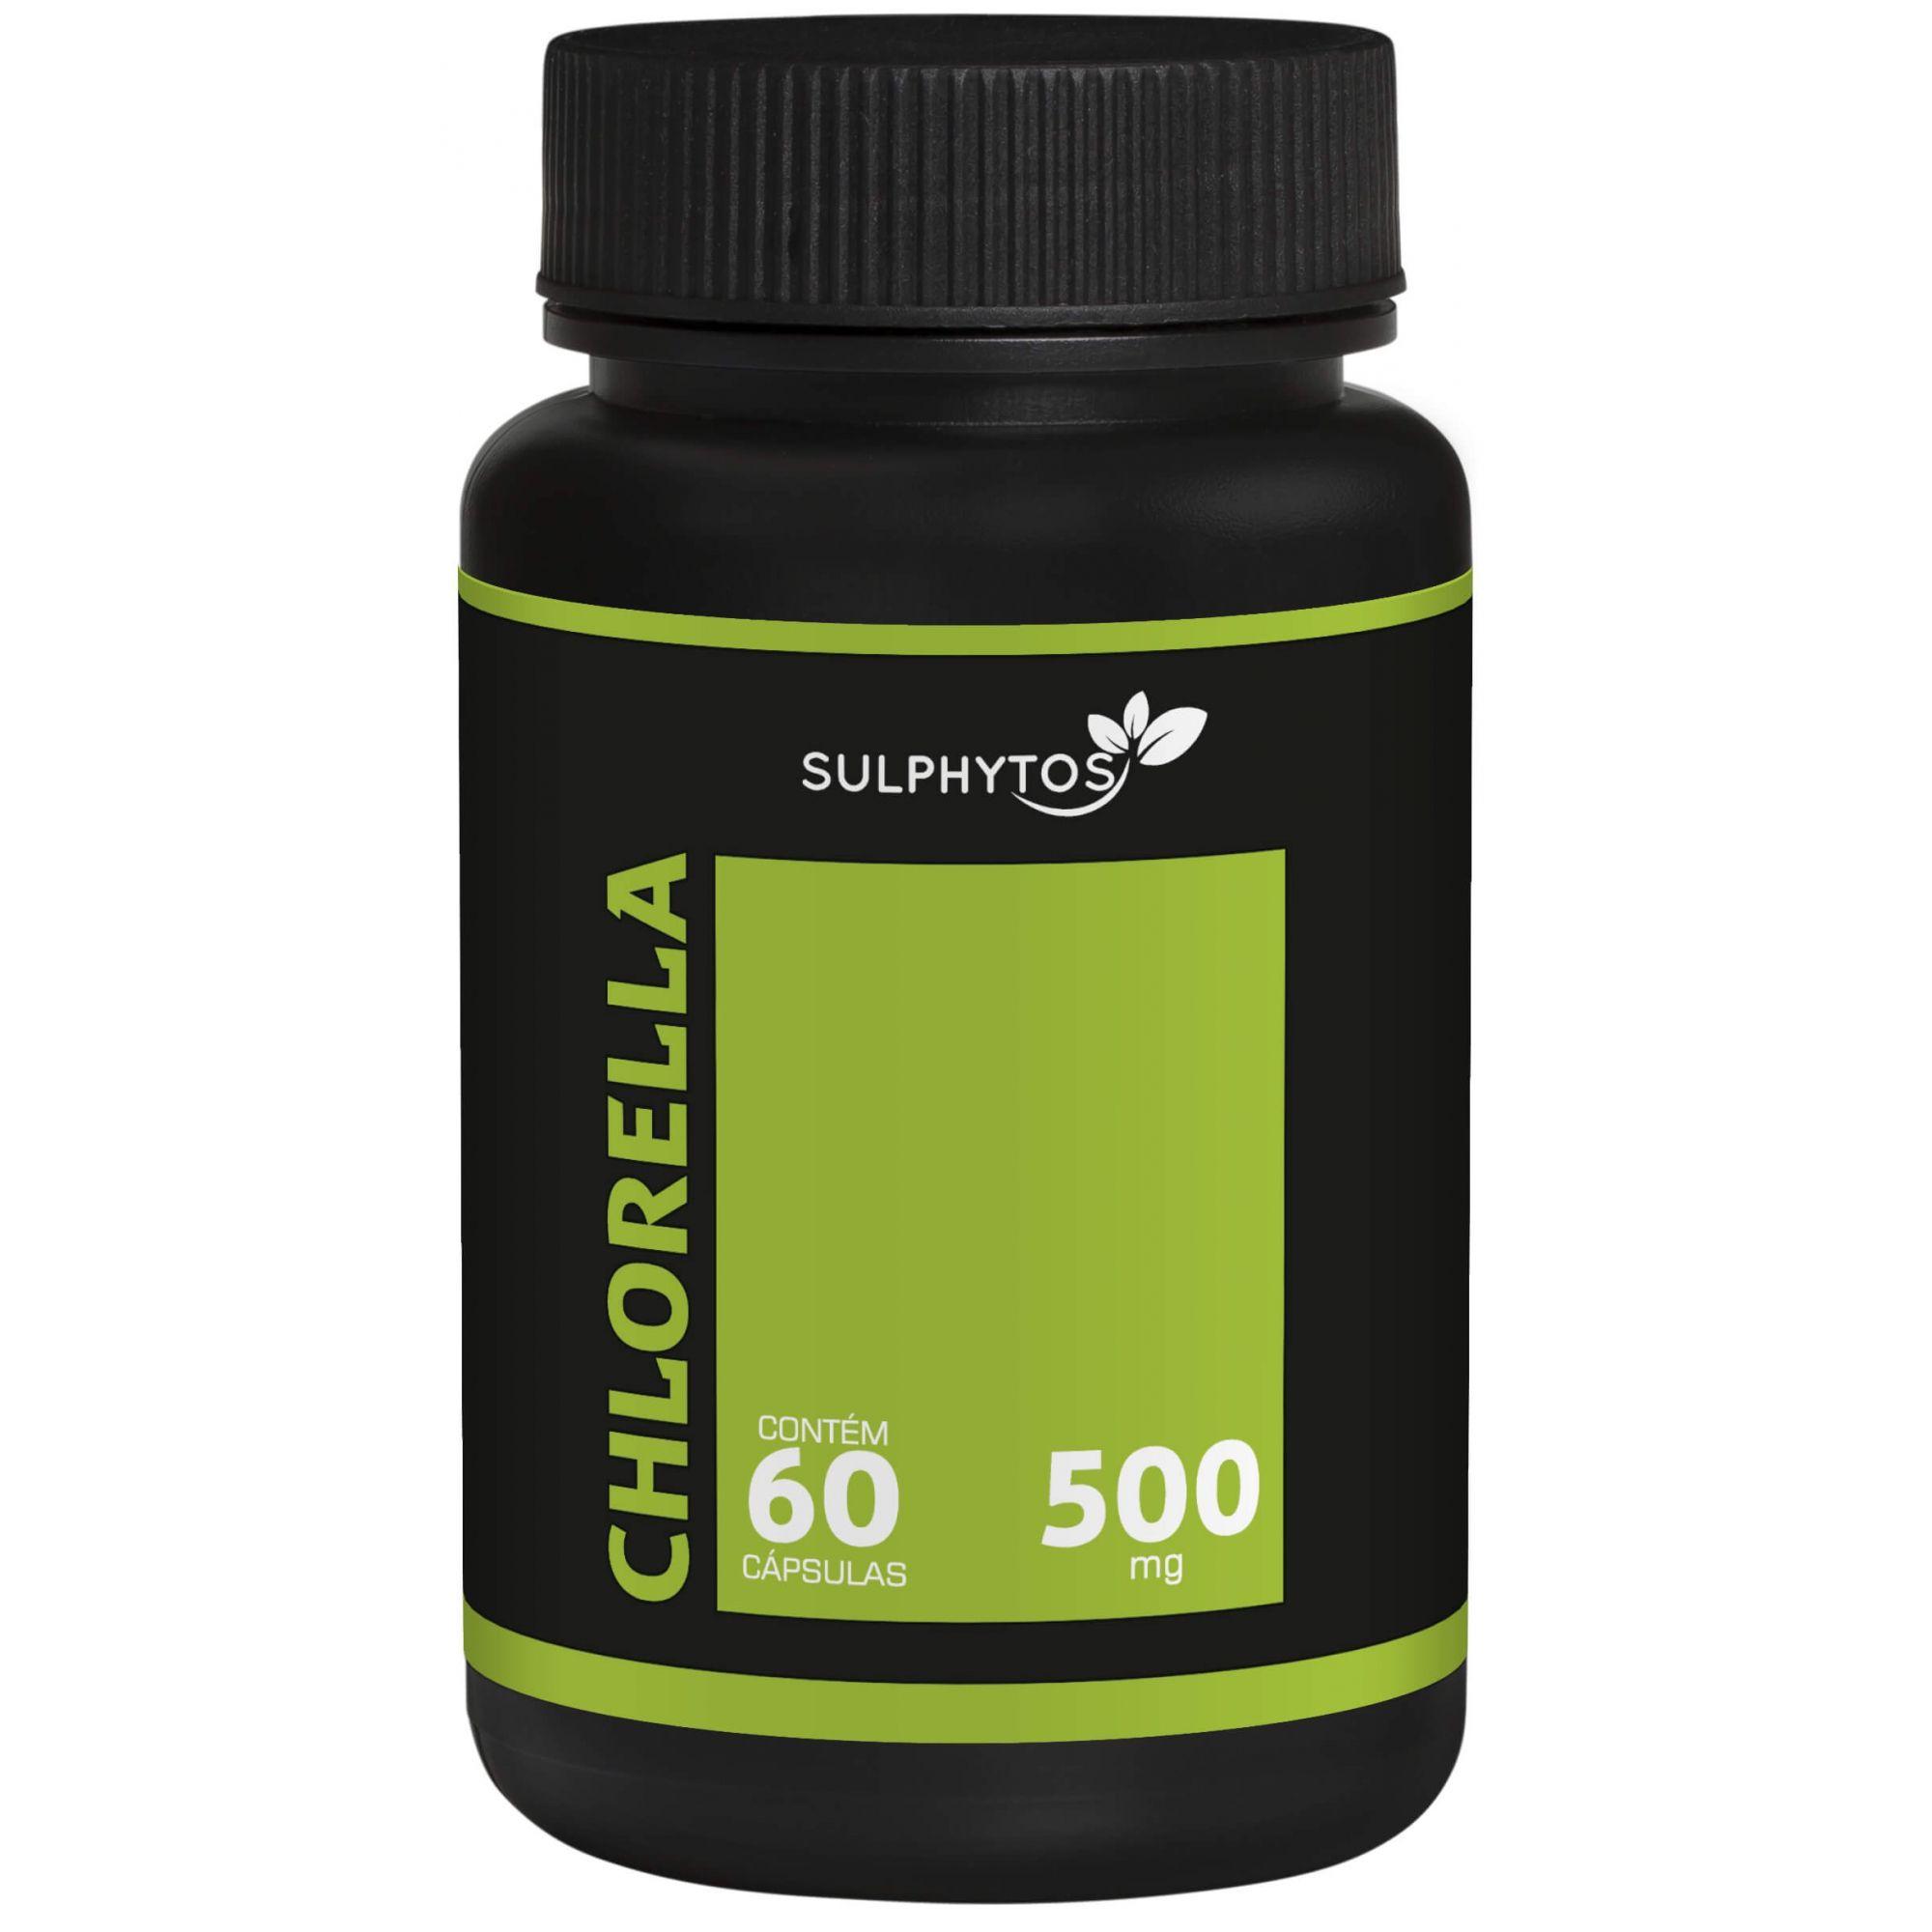 Chlorella 500mg Sulphytos - 60 caps